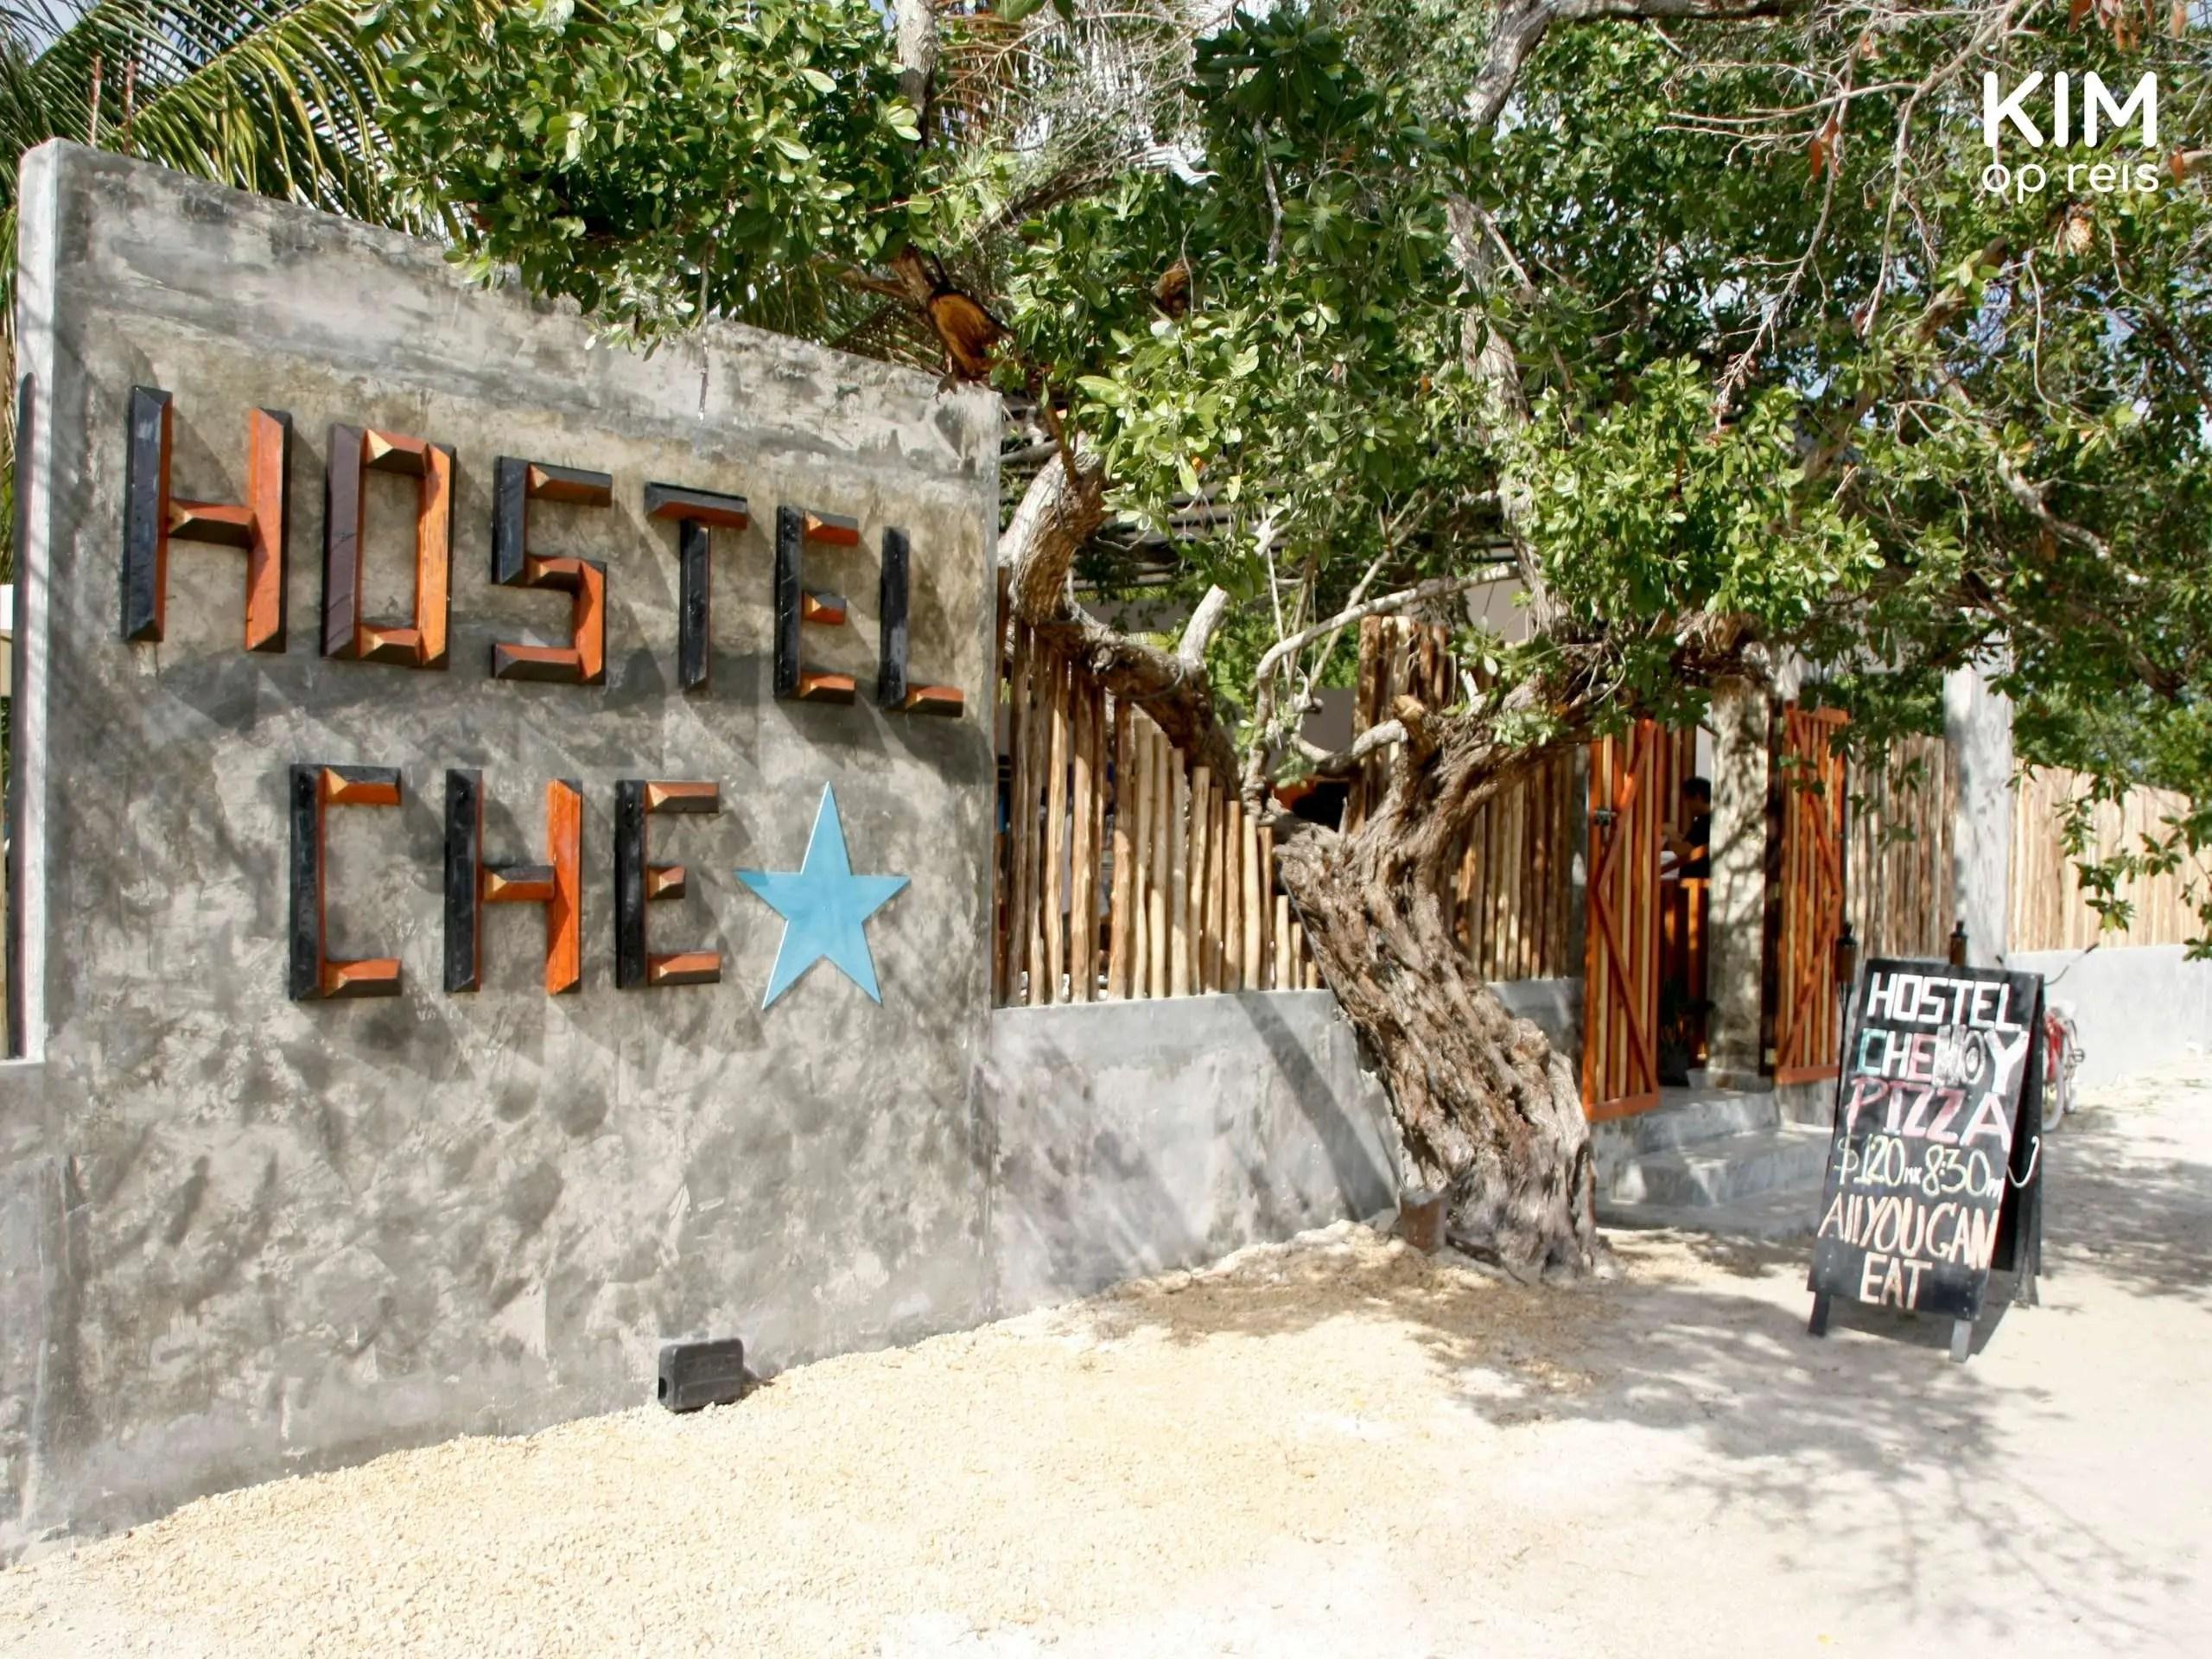 Isla Holbox Che Hostel voorkant: entree van hostel met groot naambord